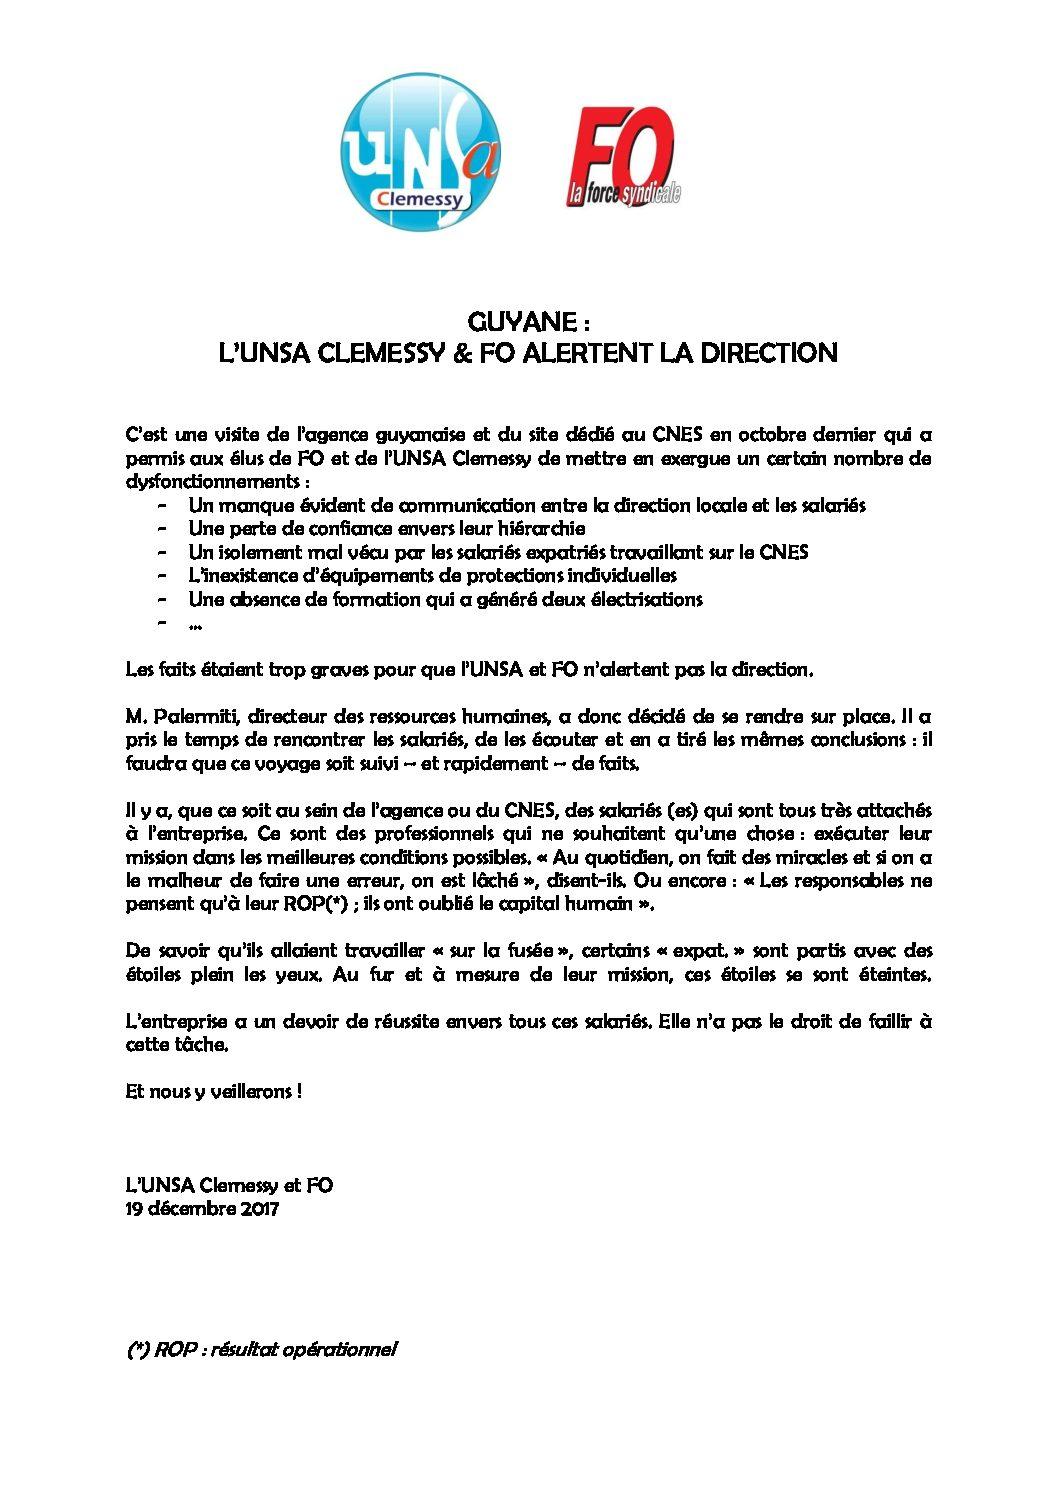 Guyane-lunsa-et-la-fo-alertent-la-direction